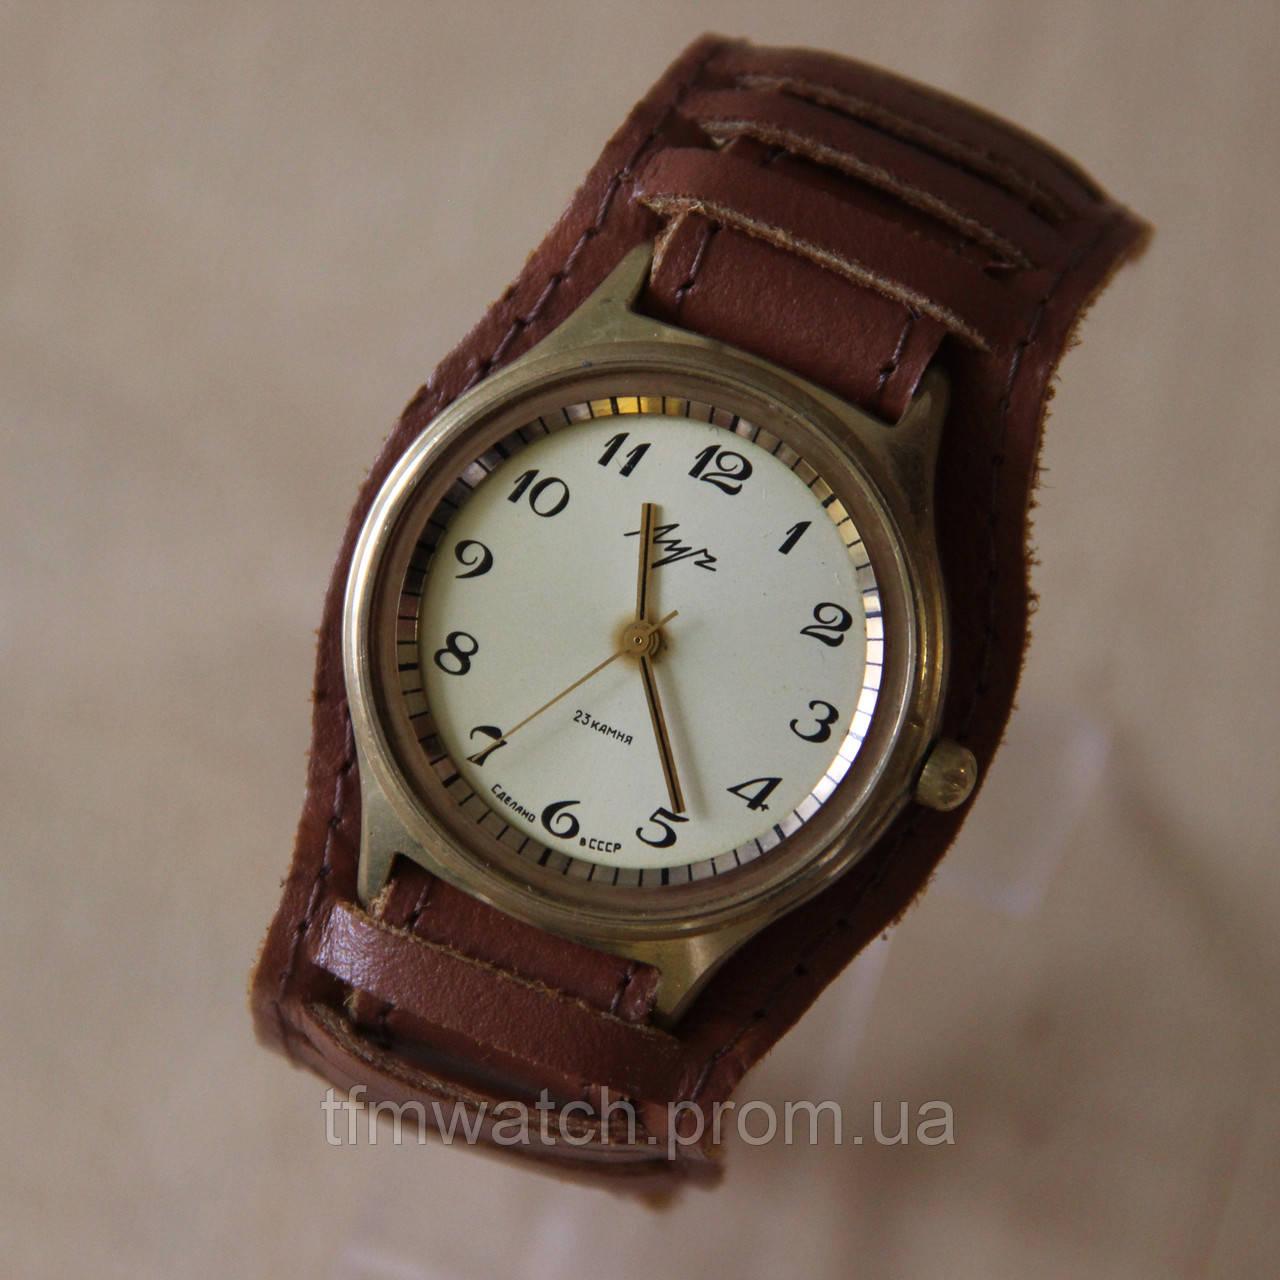 Российские часы наручные мужские луч купить часы swiss military украине